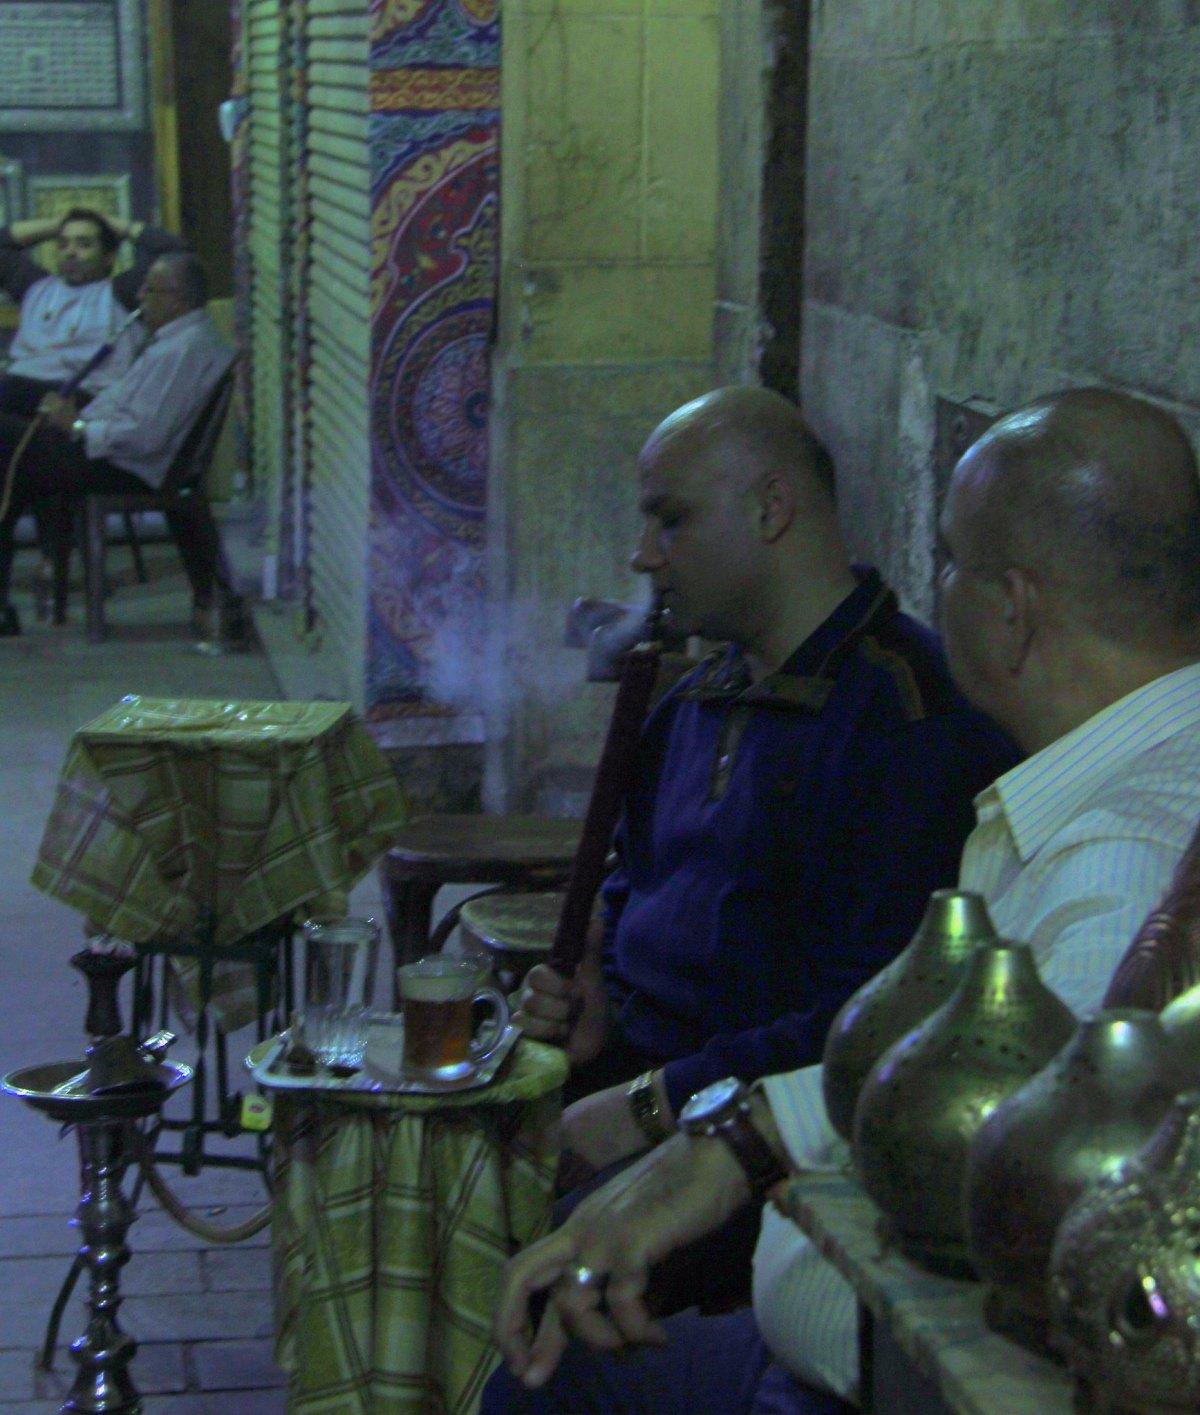 men smoking shisha at khan el khalili market